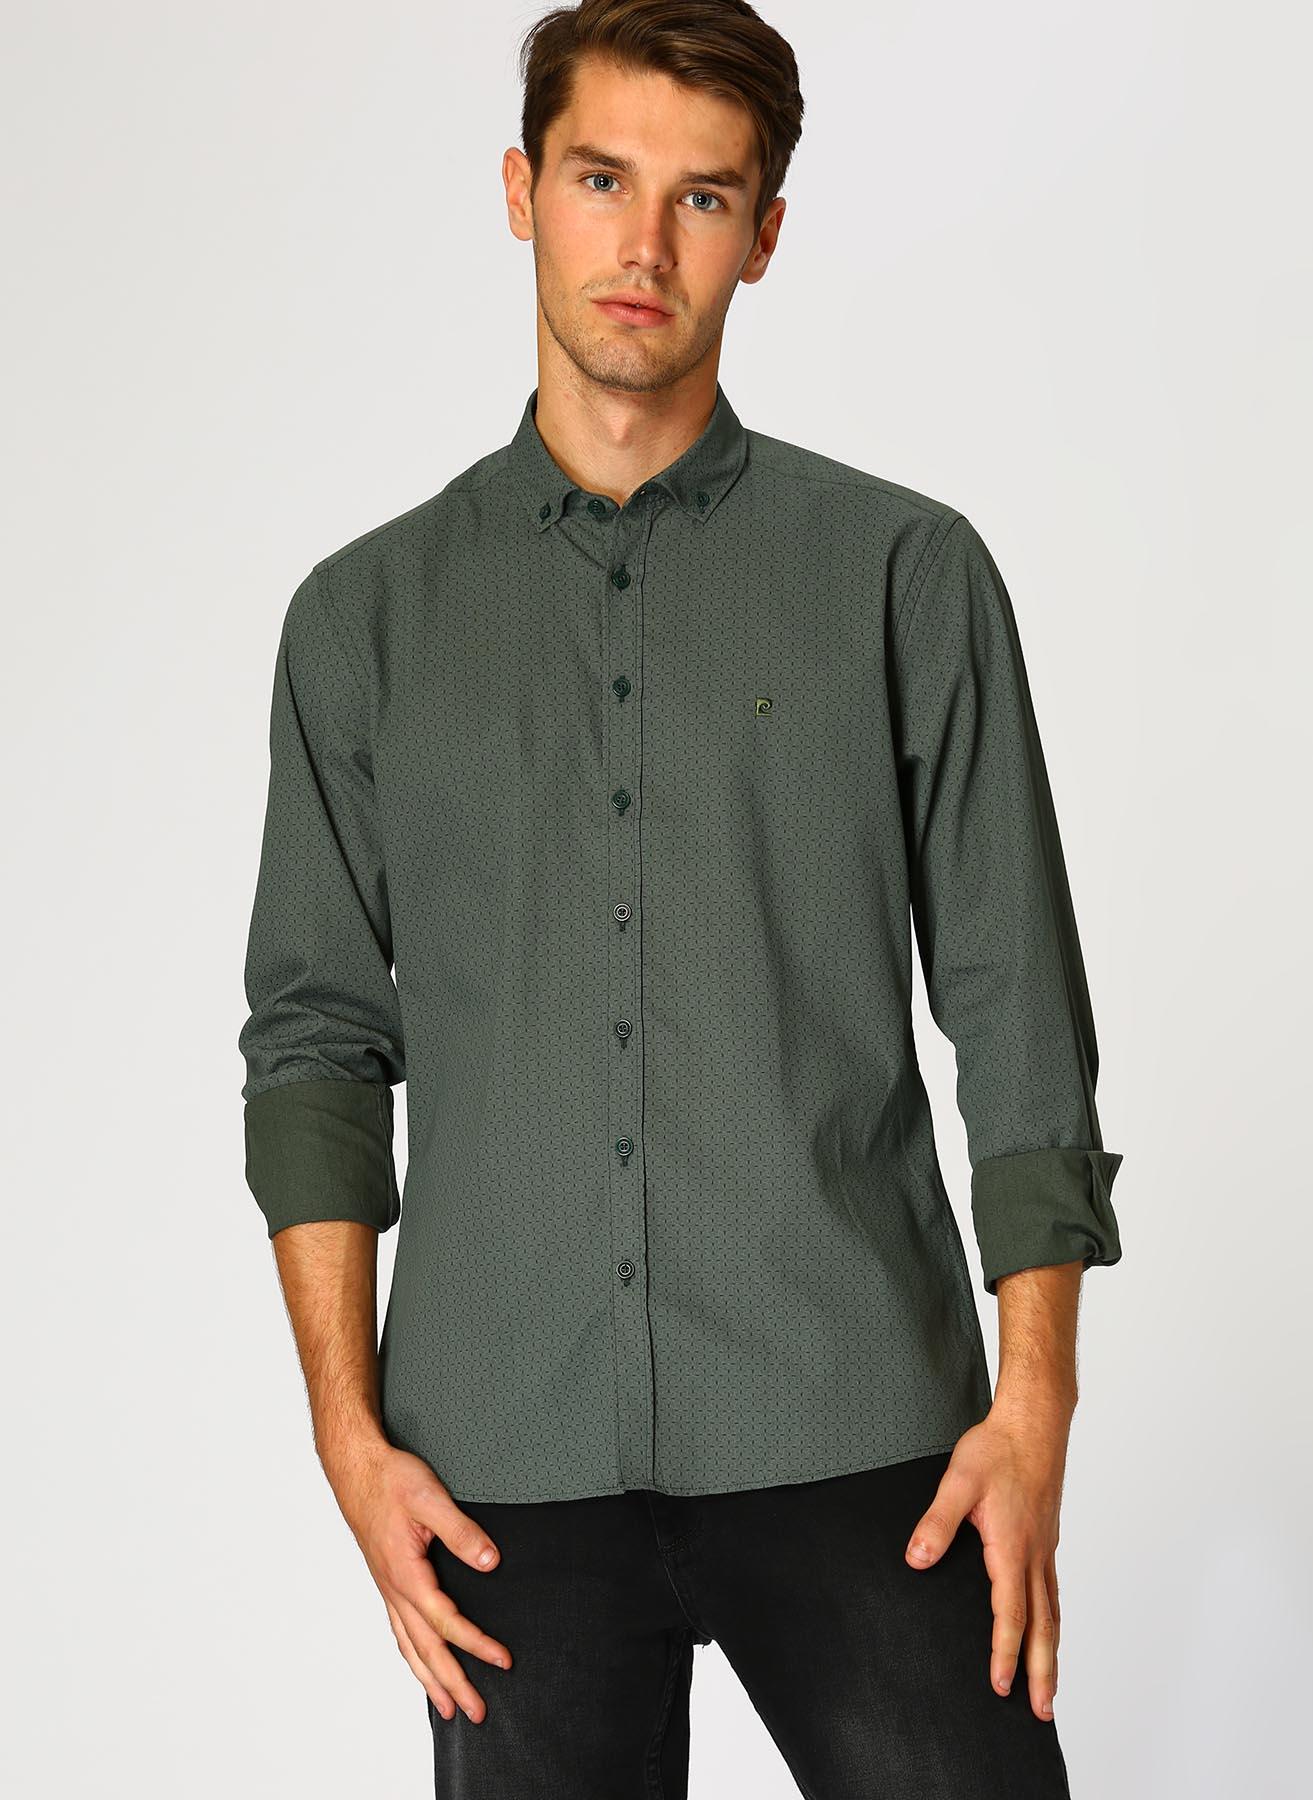 Pierre Cardin Yeşil Gömlek S 5001697816007 Ürün Resmi